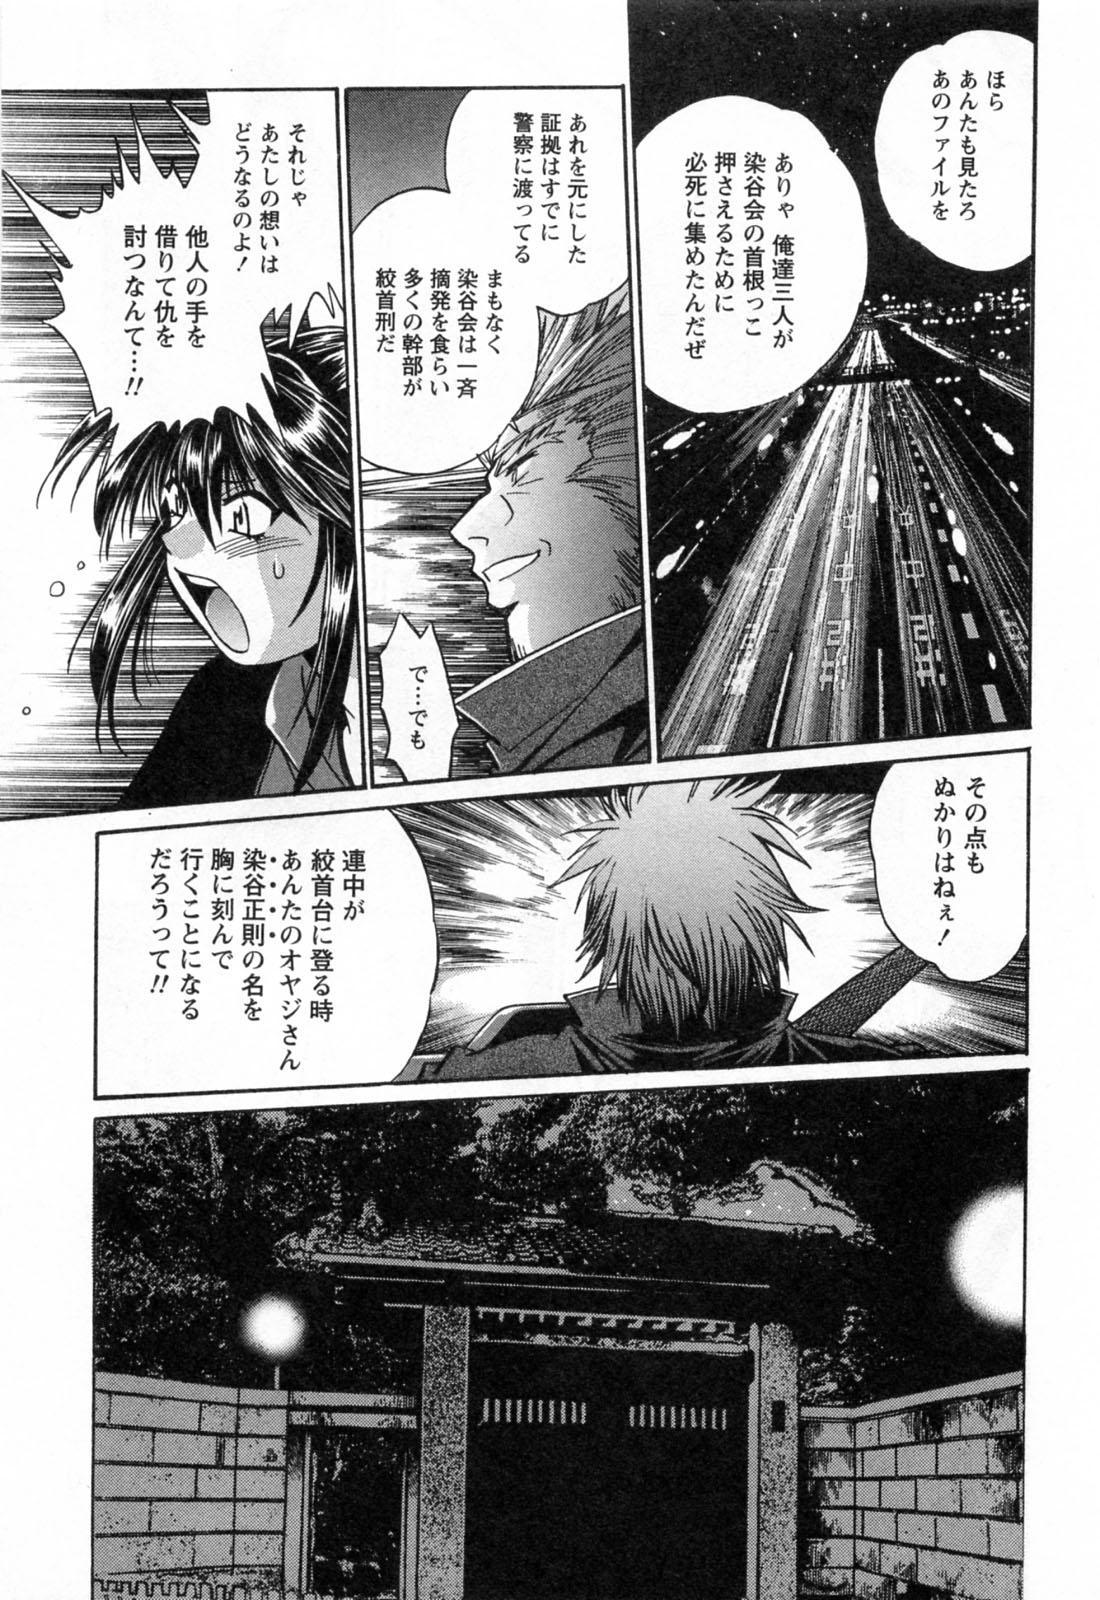 Makunouchi Deluxe 3 144